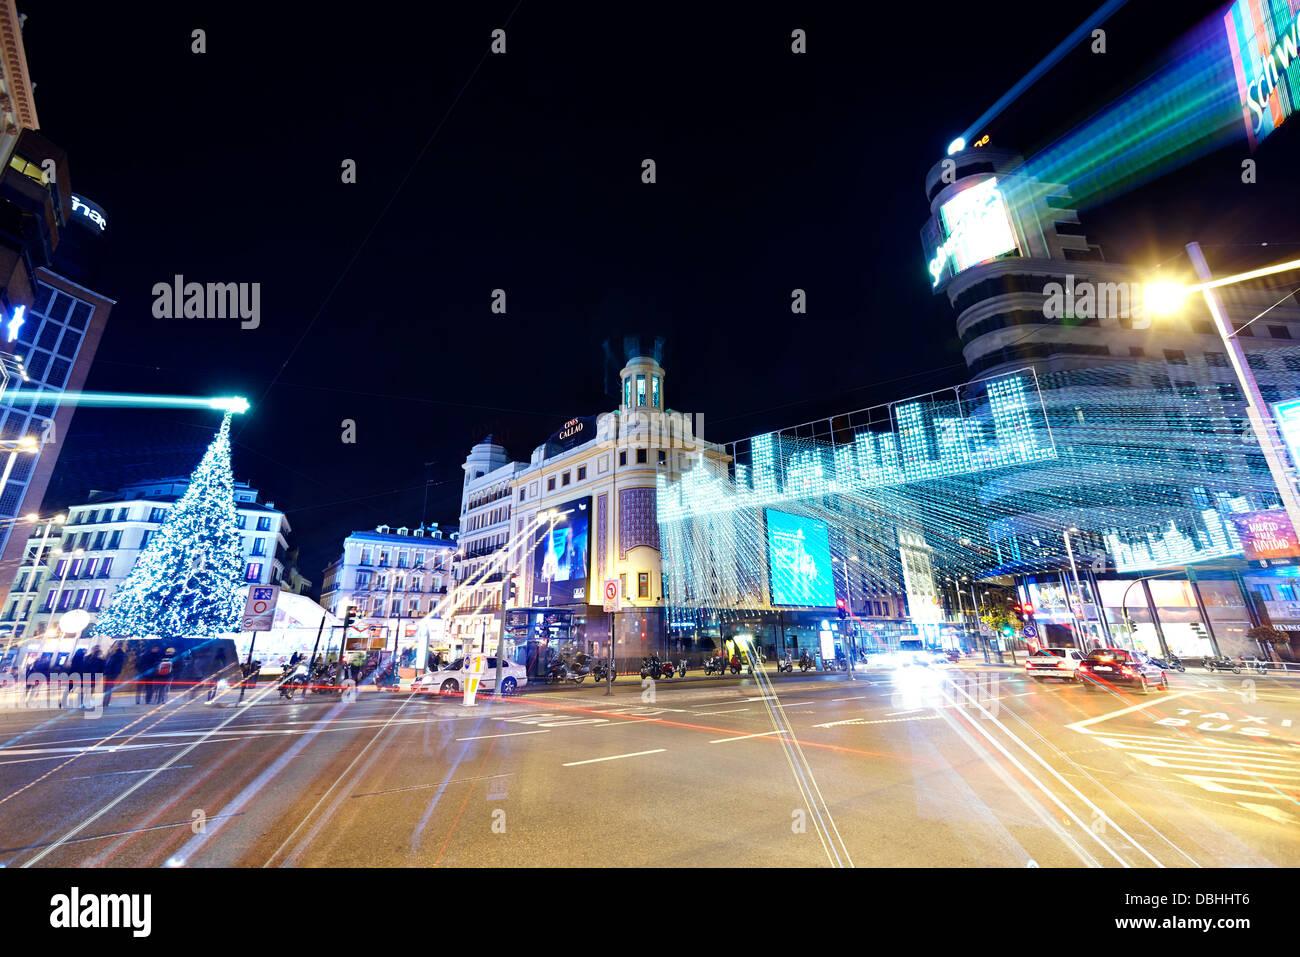 Il traffico a Piazza Callao con luci di stringa nel tempo di Natale. Madrid. Spagna. Immagini Stock